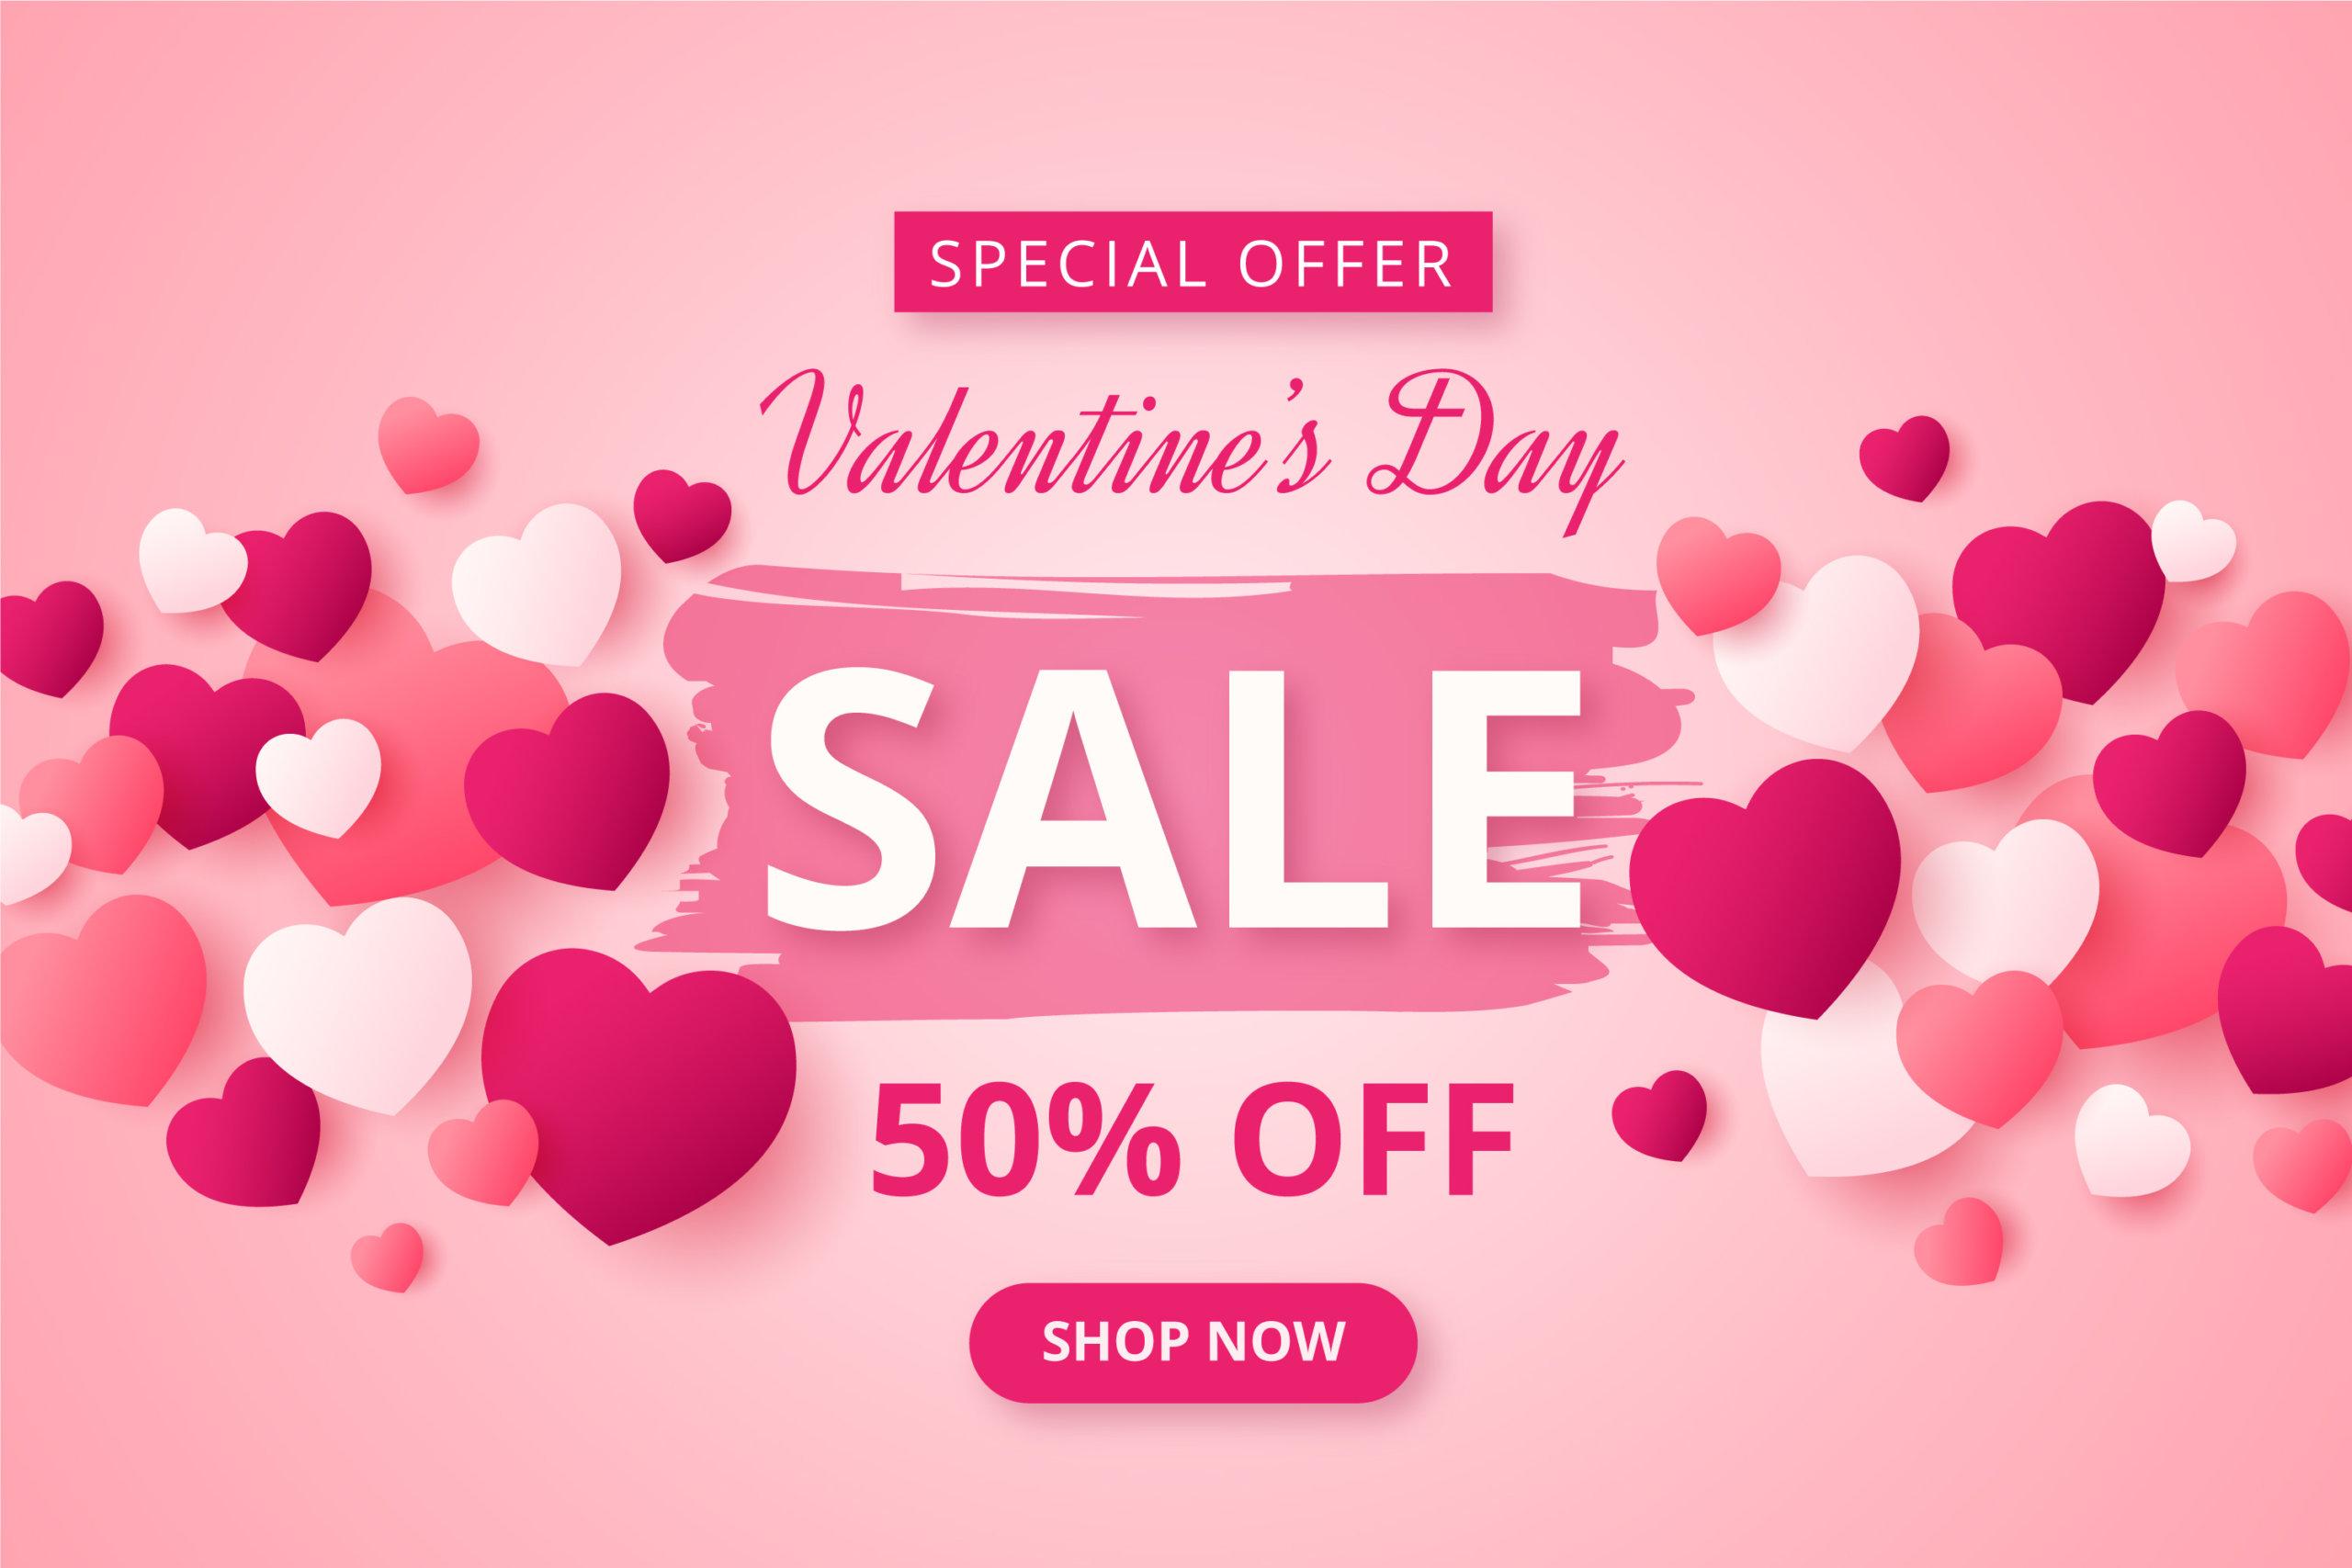 16款七夕节情人节爱心心形公益慈善海报传单AI设计素材 Valentines Day Love Promotion Poster插图